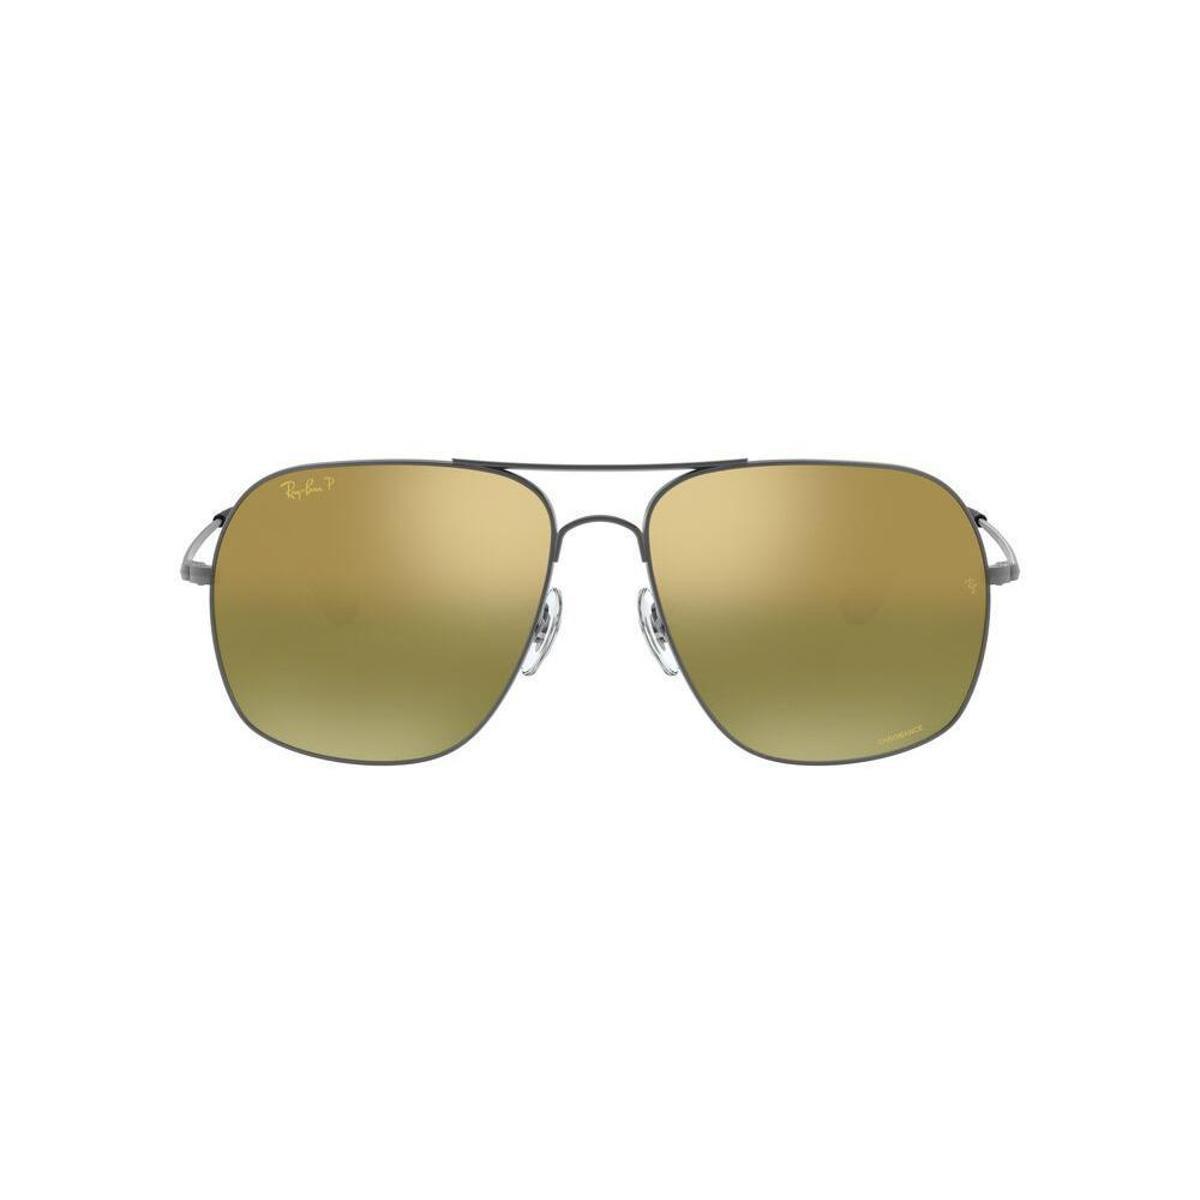 Óculos de Sol Ray-Ban Rb3587 Masculino - Prata - Compre Agora   Netshoes 9defea9c20